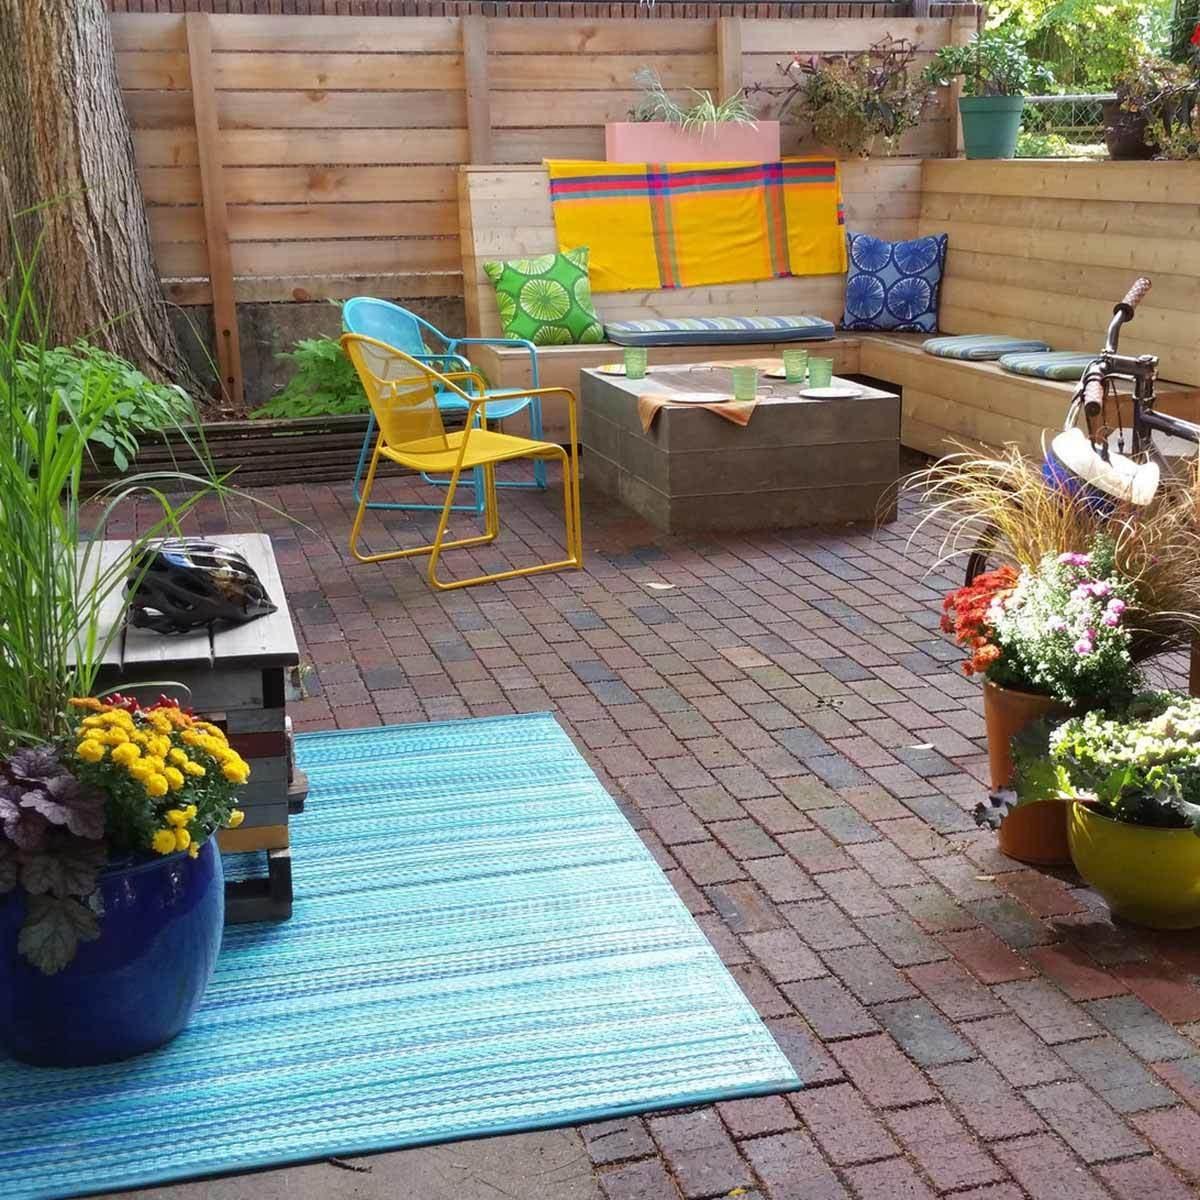 Cobblestone Brick Patio design ideas